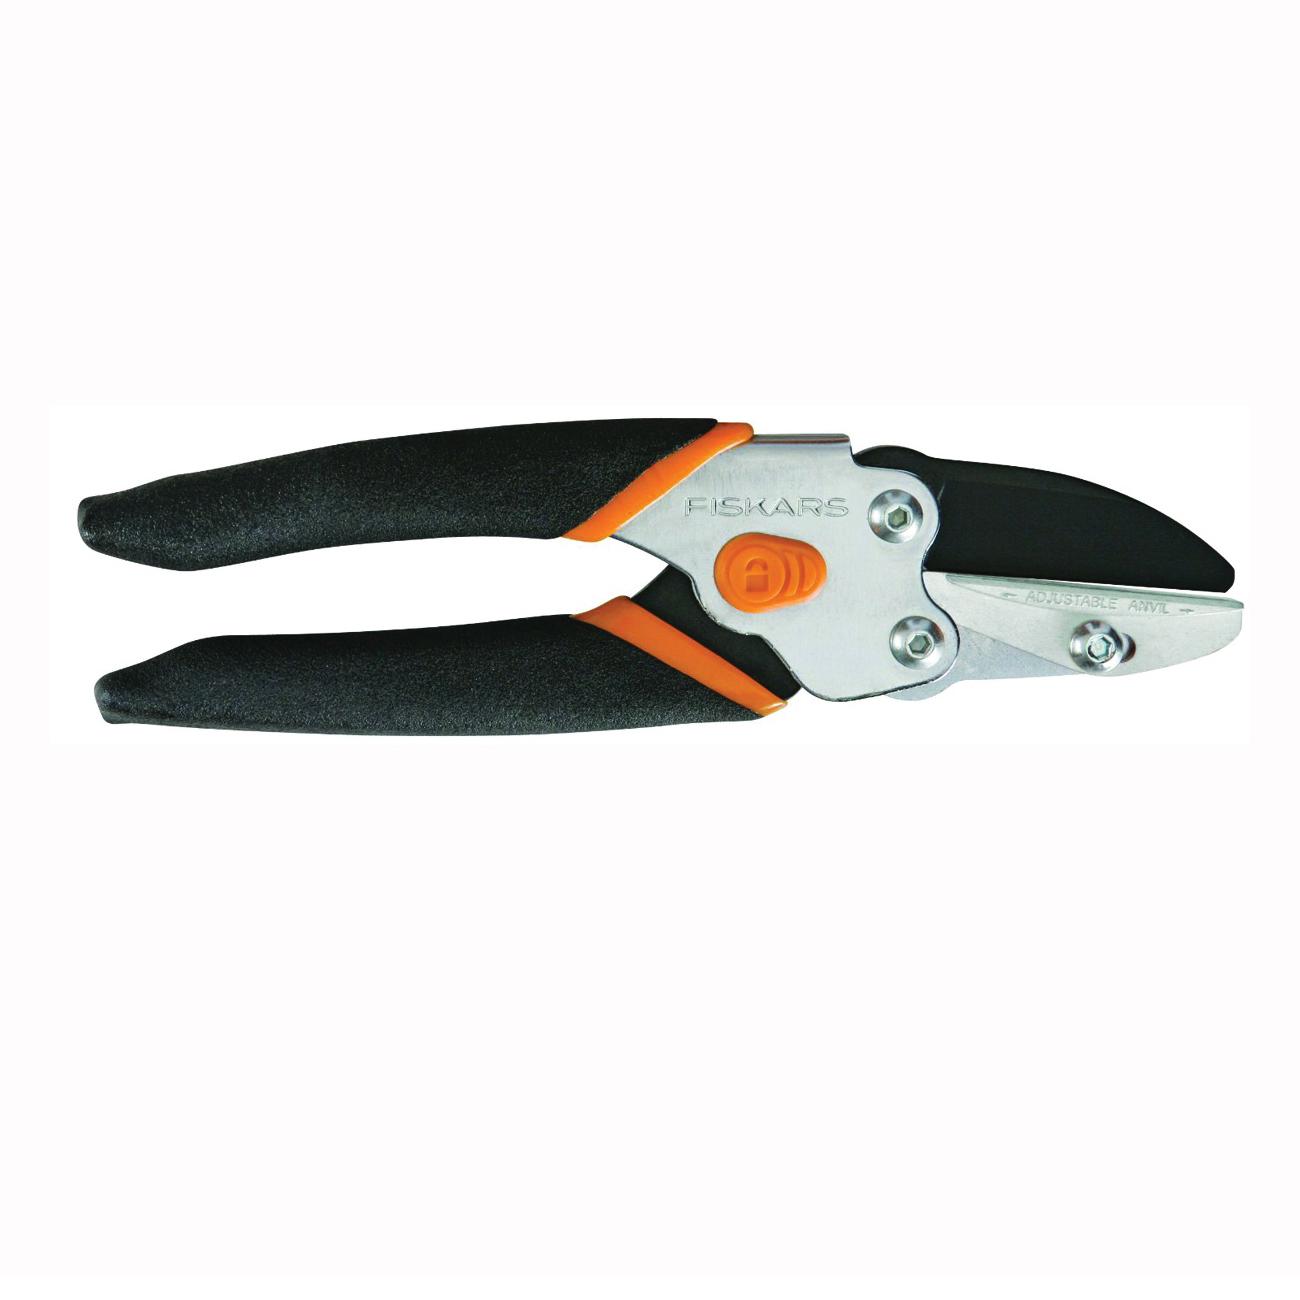 Picture of FISKARS 91156935 Pruner, 5/8 in Cutting Capacity, Steel Blade, Anvil Blade, Soft-Grip Handle